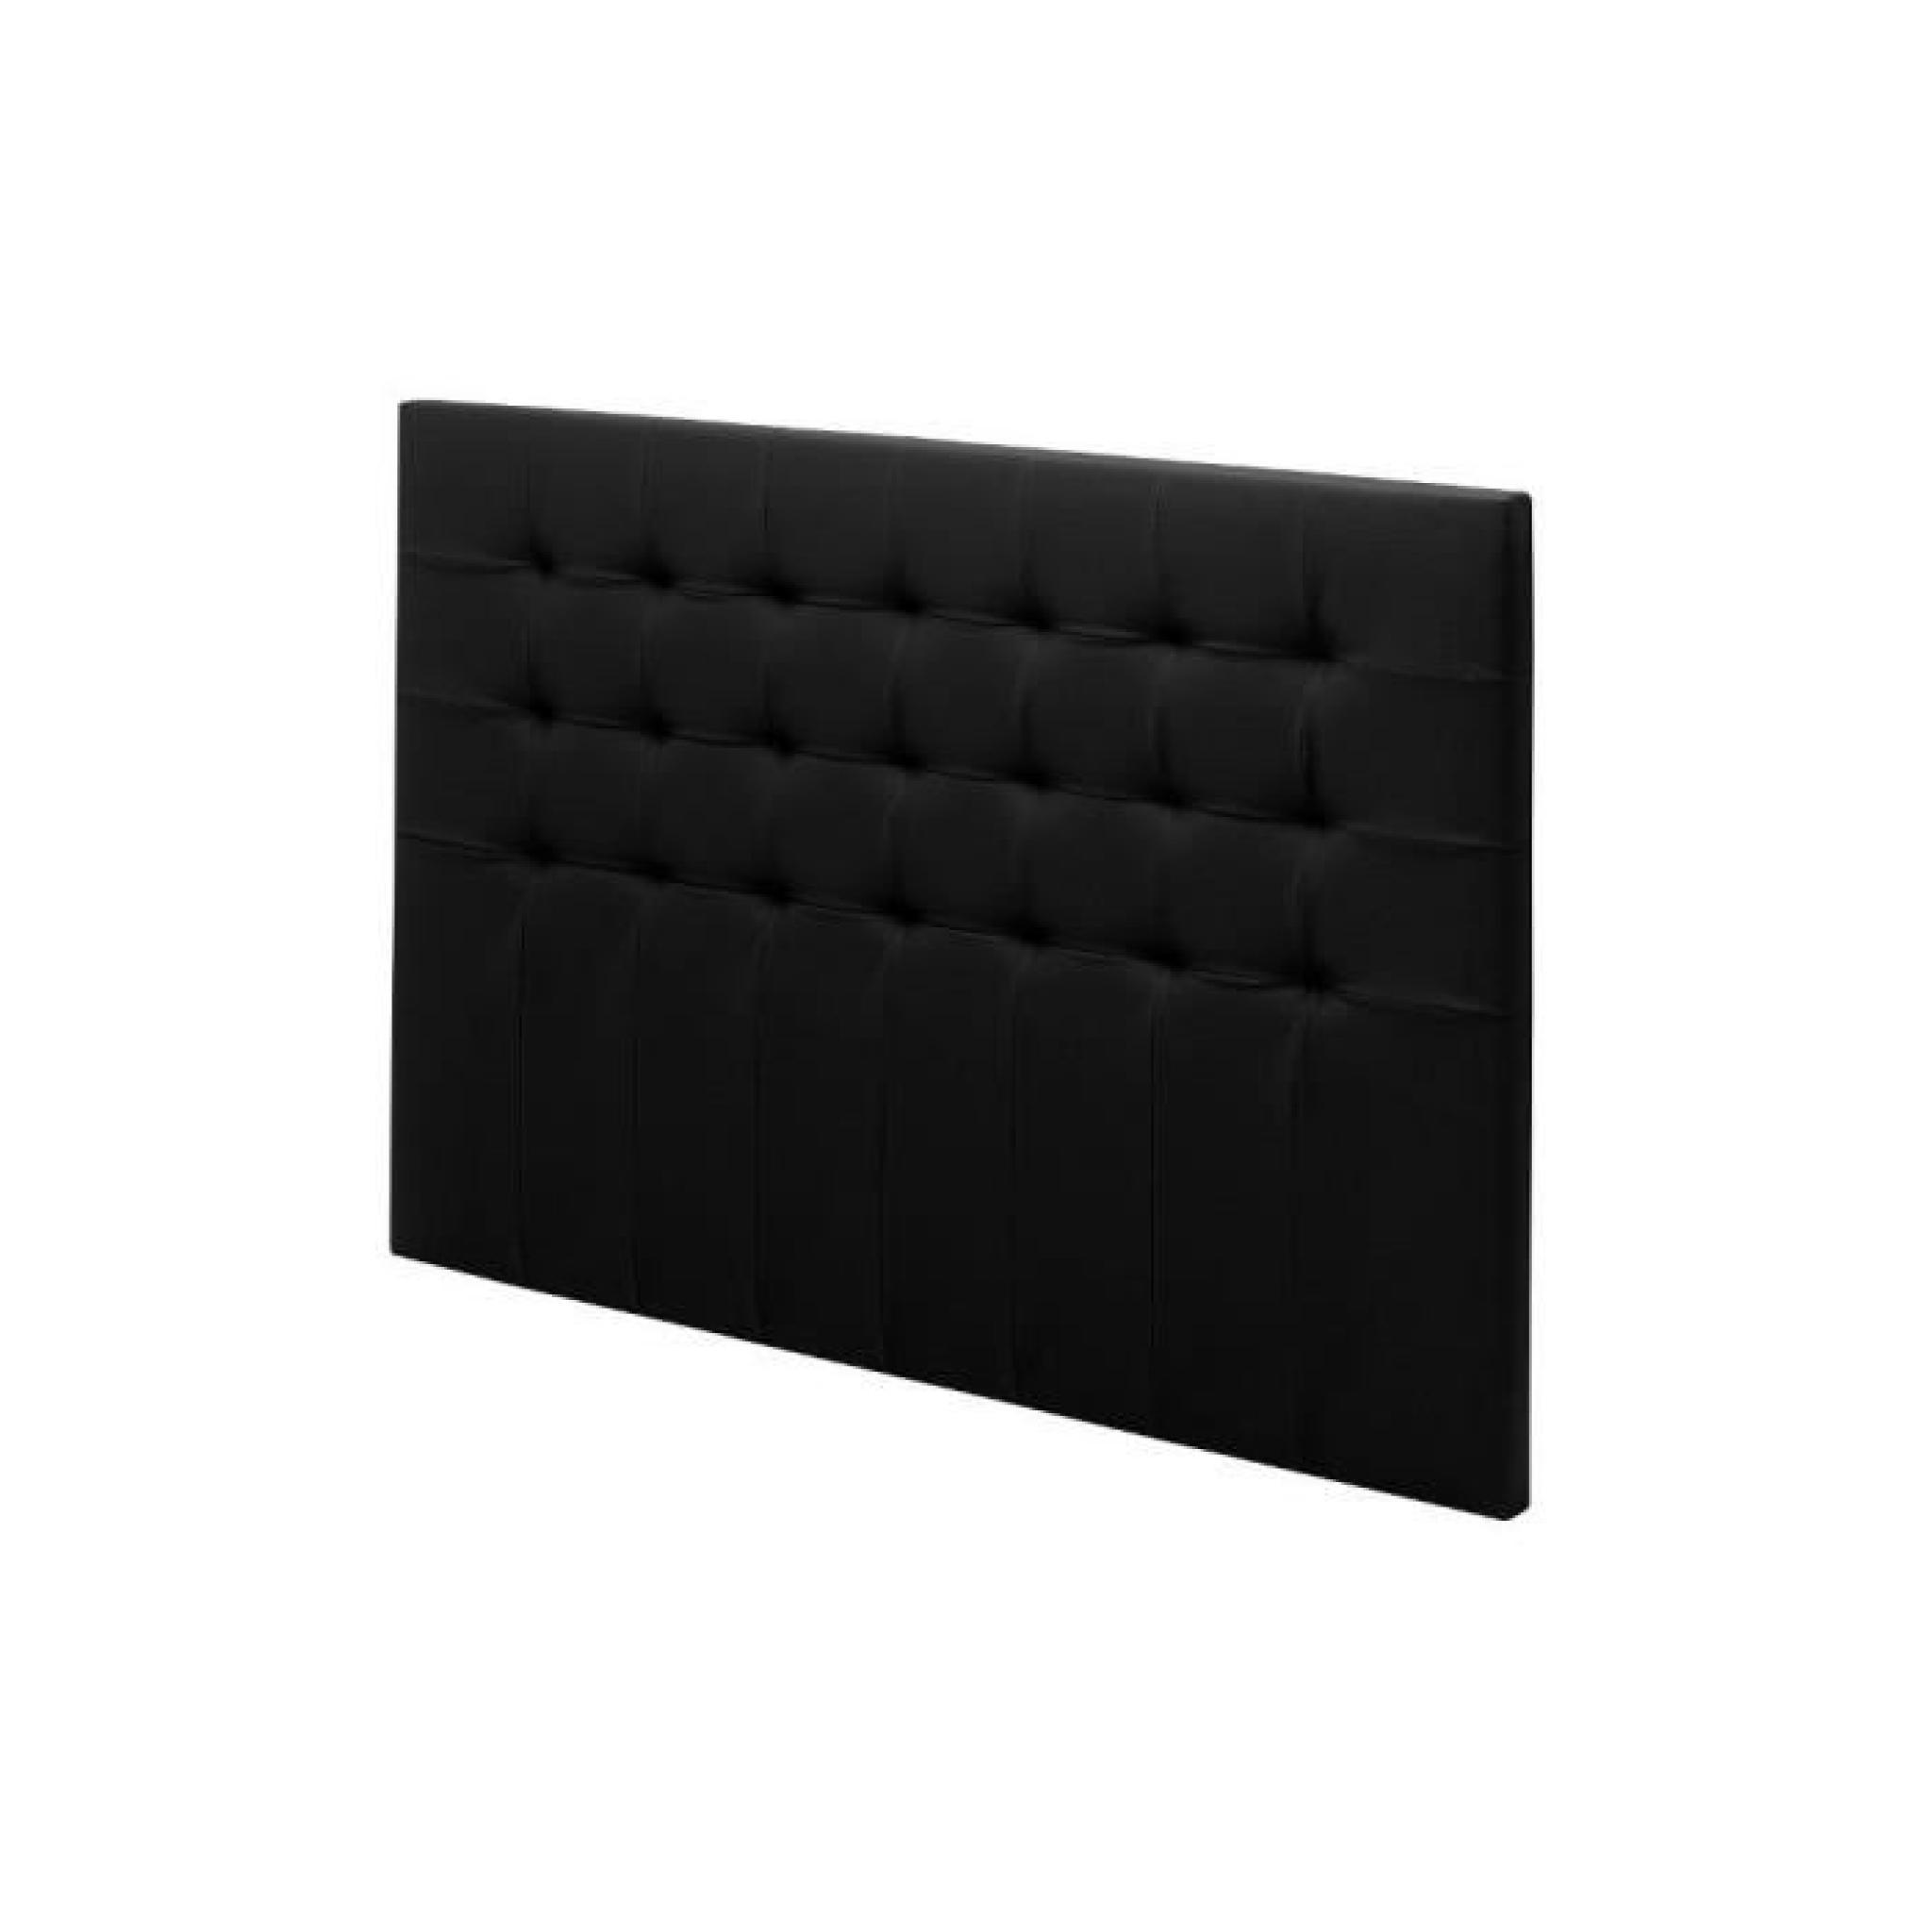 T te de lit cuir charme 150 noir achat vente tete de lit for Tete de lit bureau